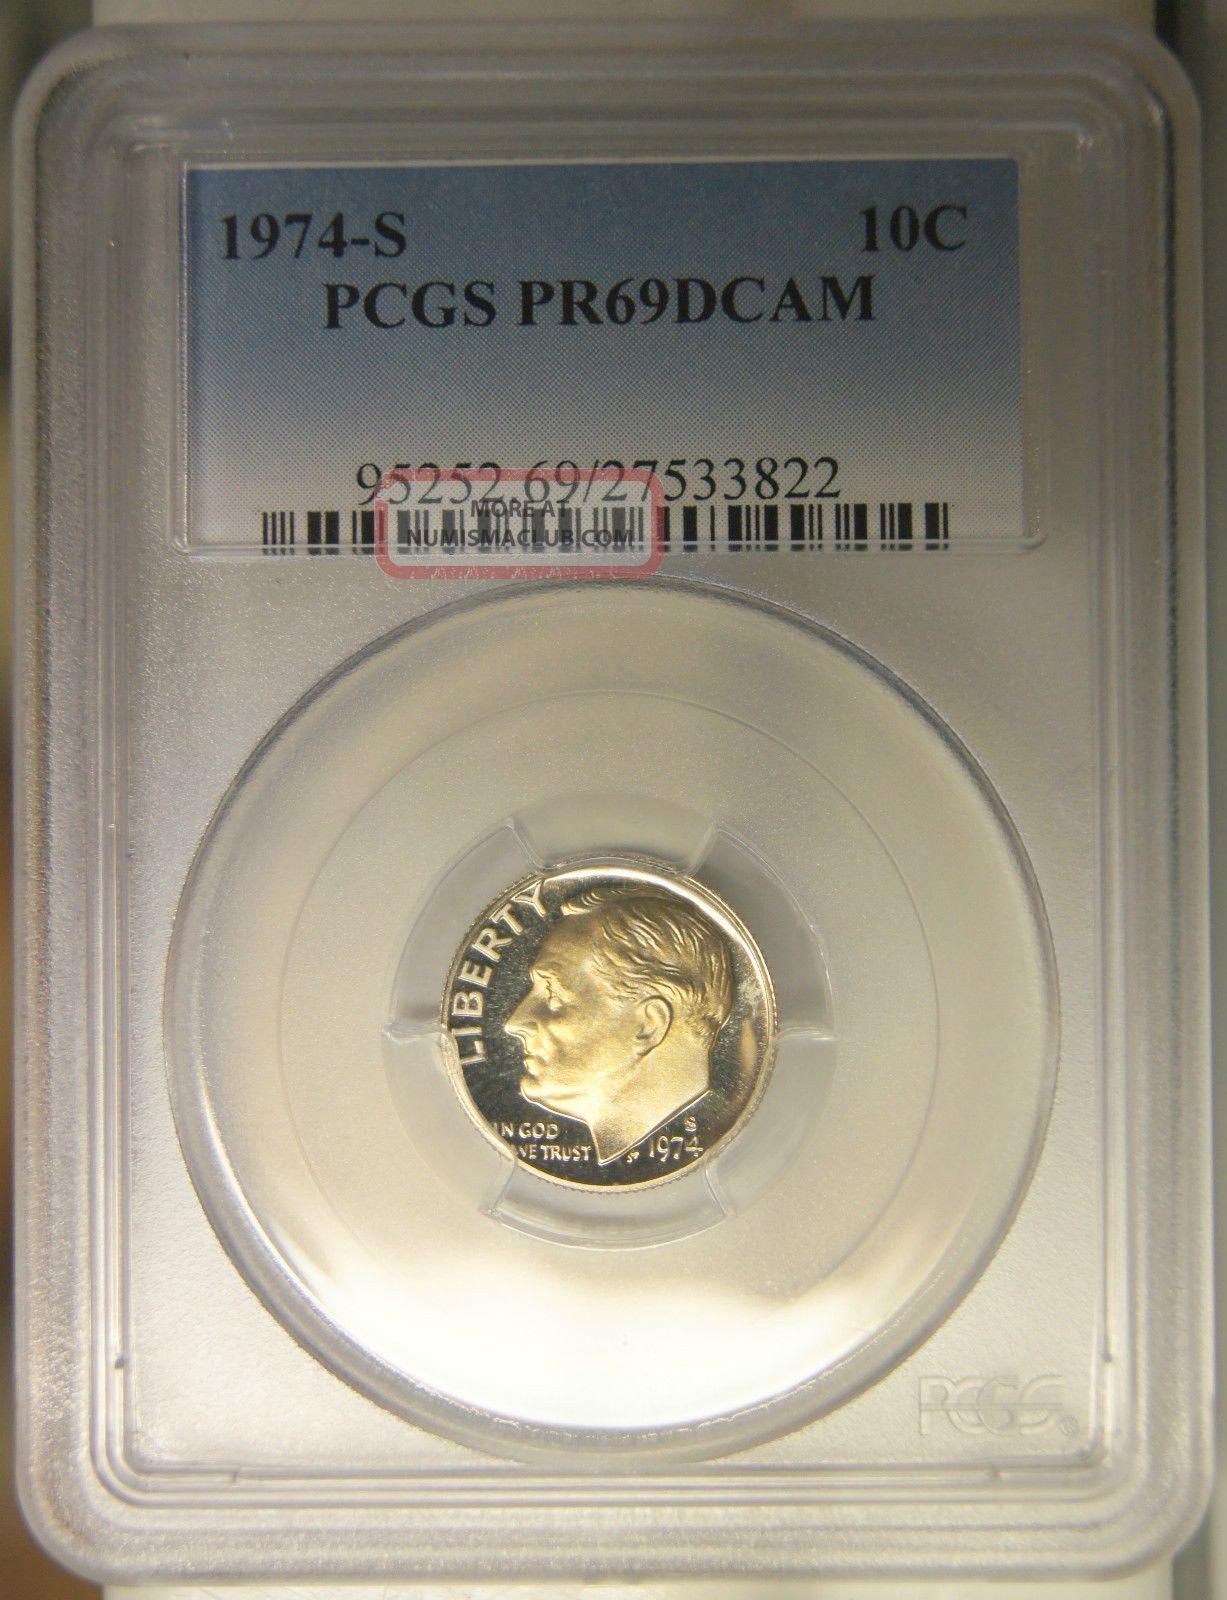 1974 - S 10 Cents Deep Cameo Proof Roosevelt Dime Pcgs Pr69 Dcam Dimes photo